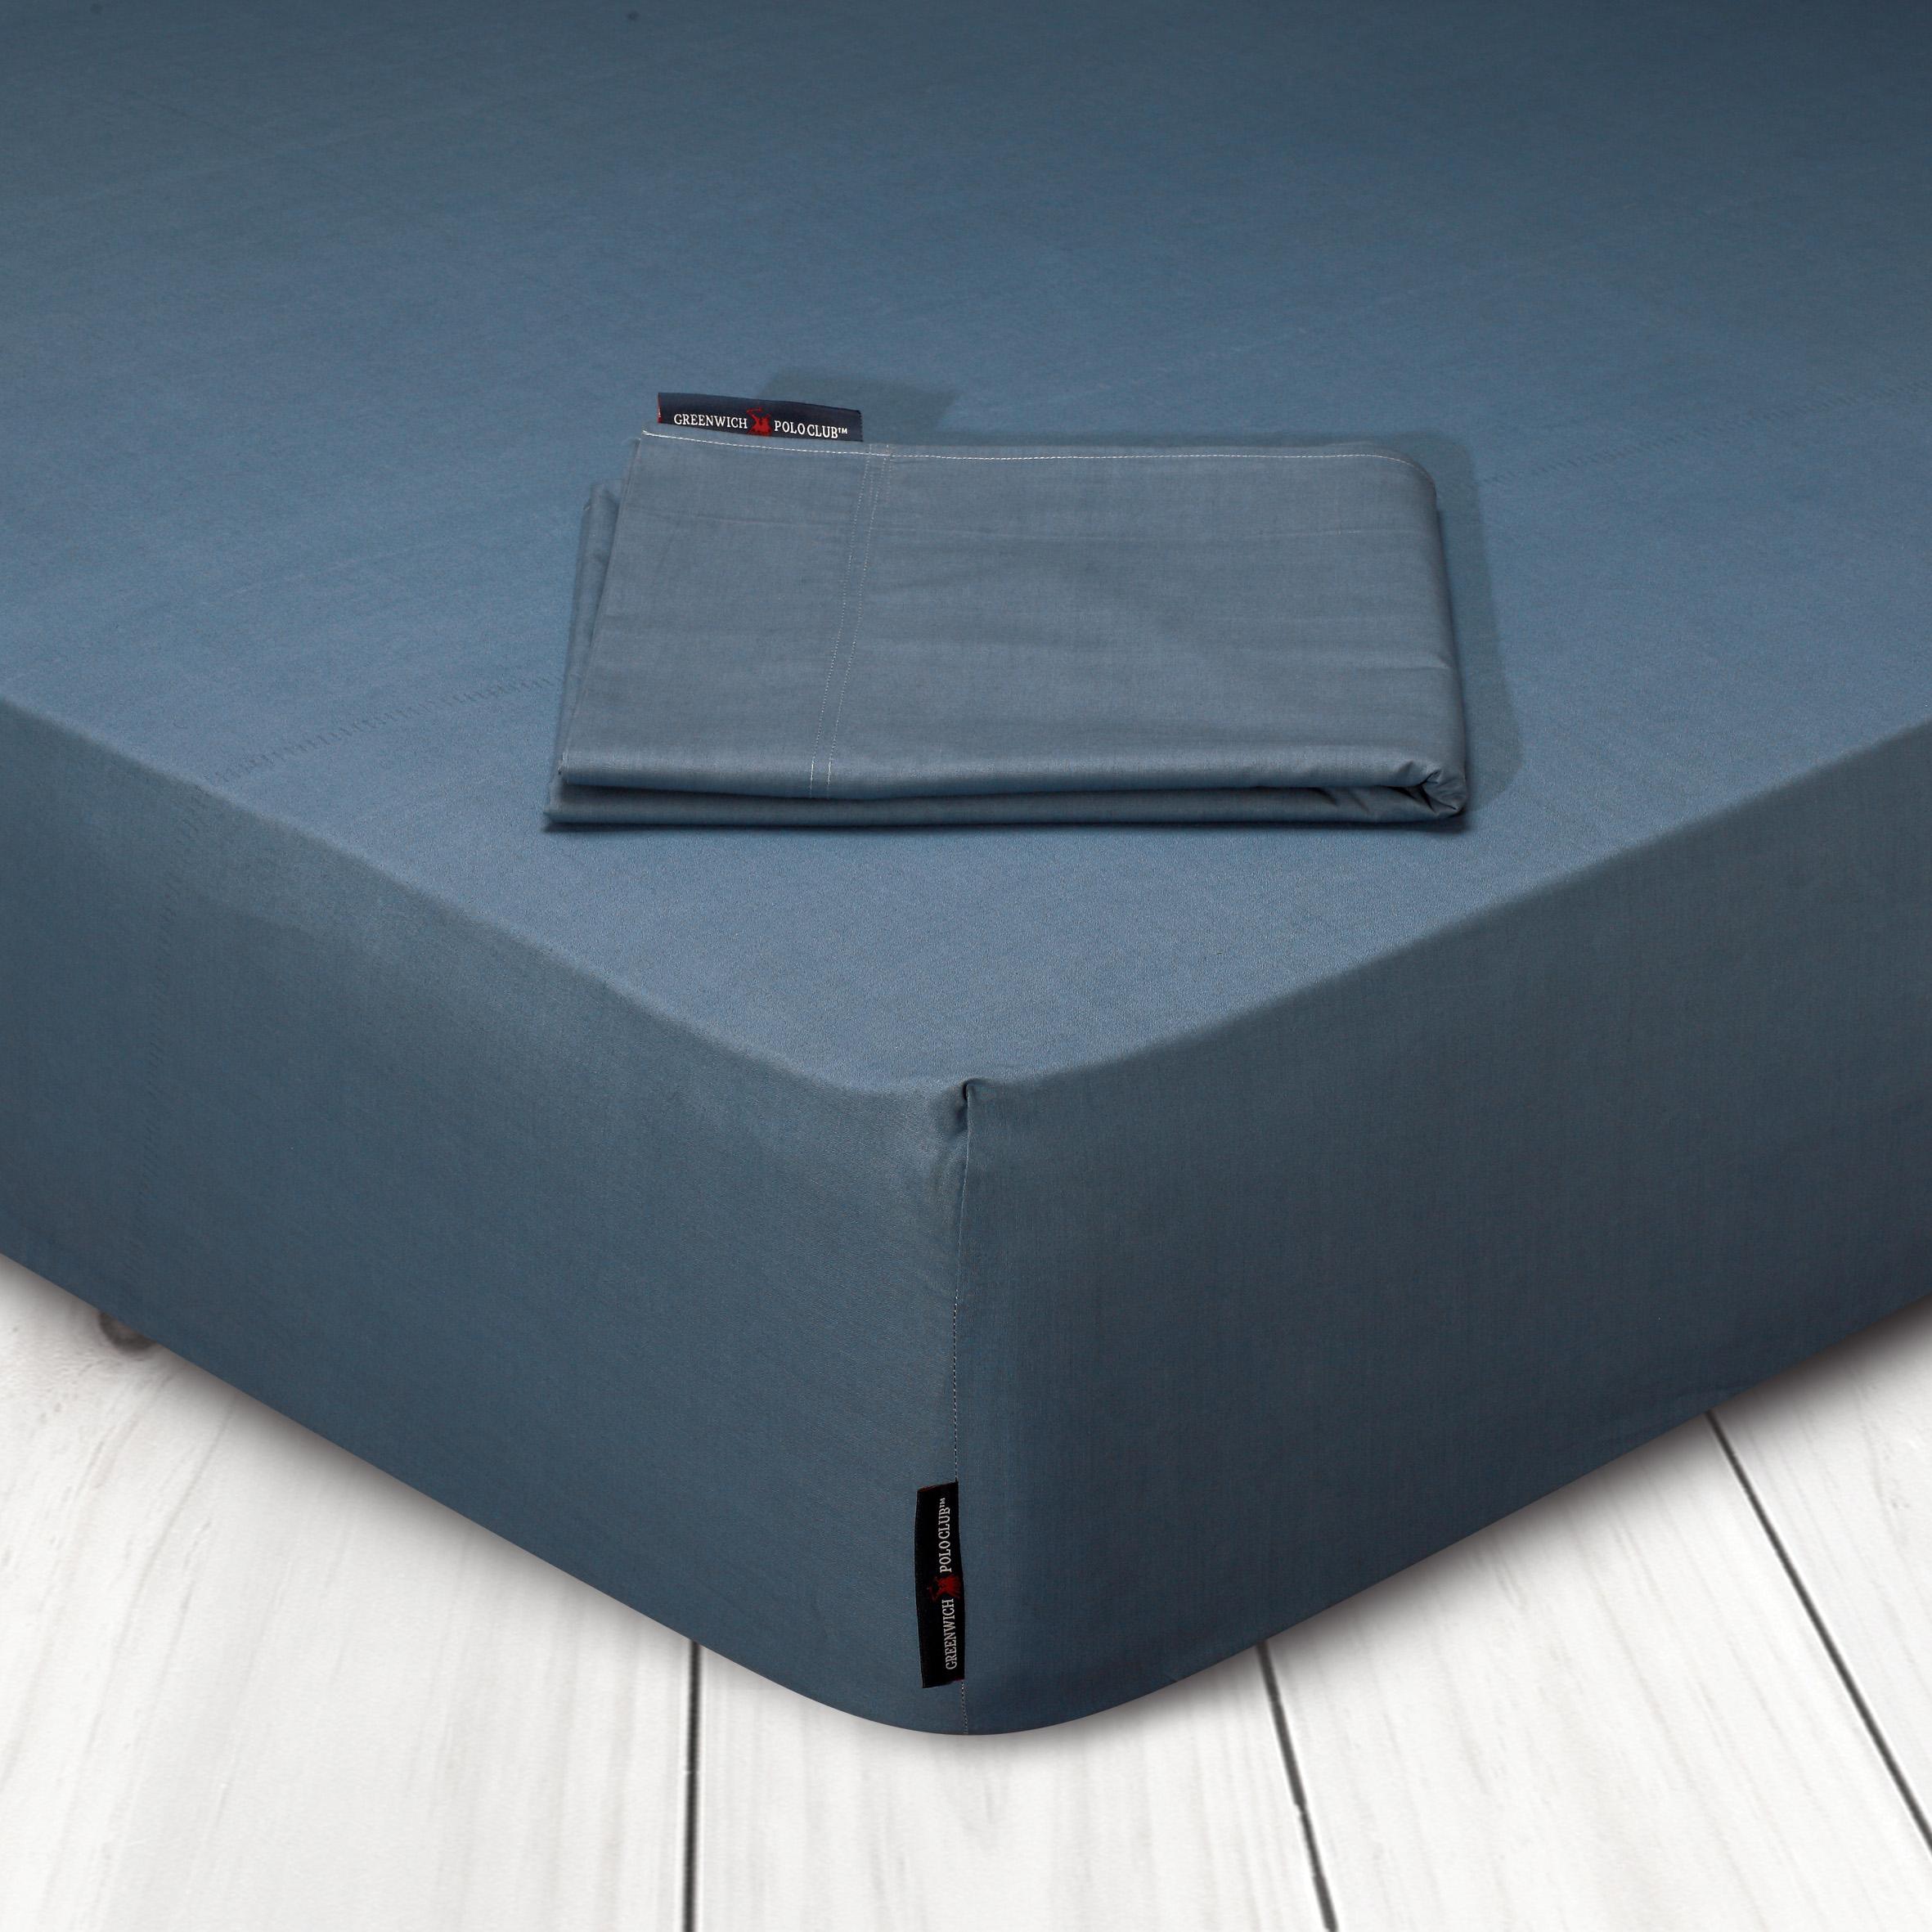 Σεντόνι Μεμονωμένο Υπέρδιπλο 240×270 Greenwich Polo Club Premium 2206 Μπλε Ραφ Χωρίς Λάστιχο